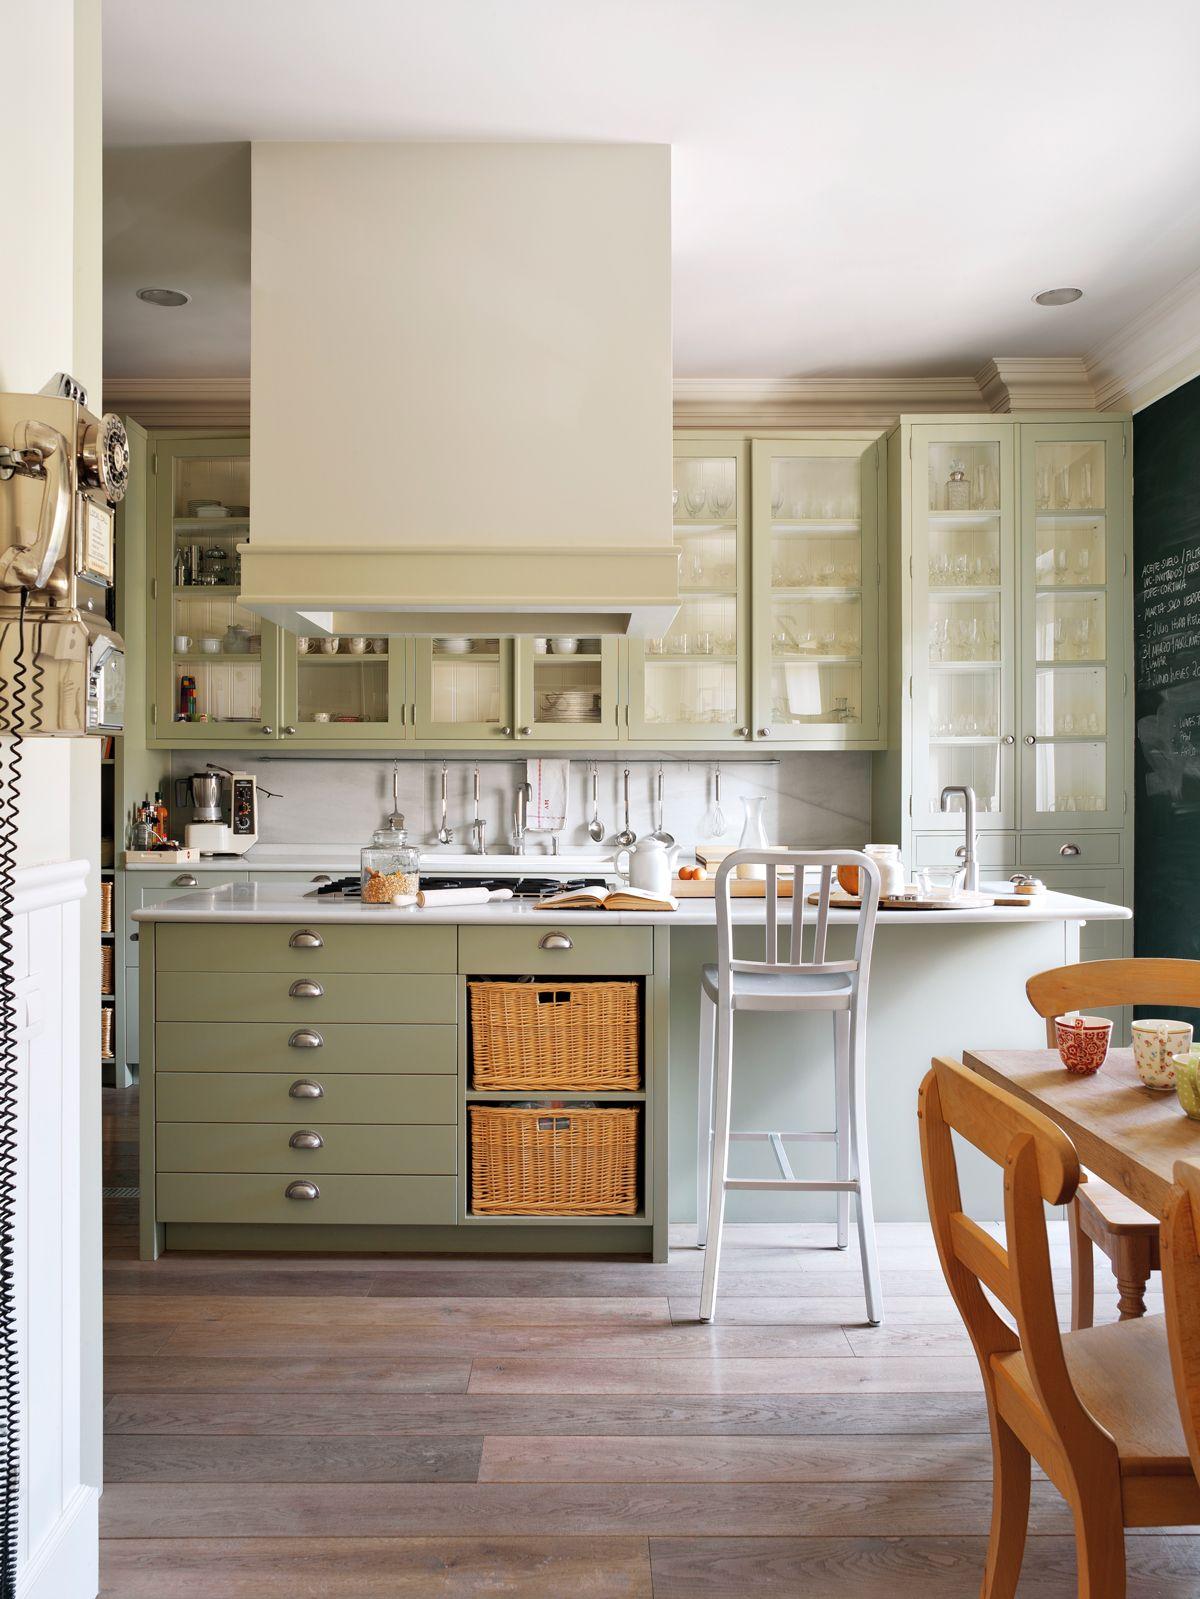 Muebles pintados: gana vida y color | VIP | Pinterest | Verde oliva ...